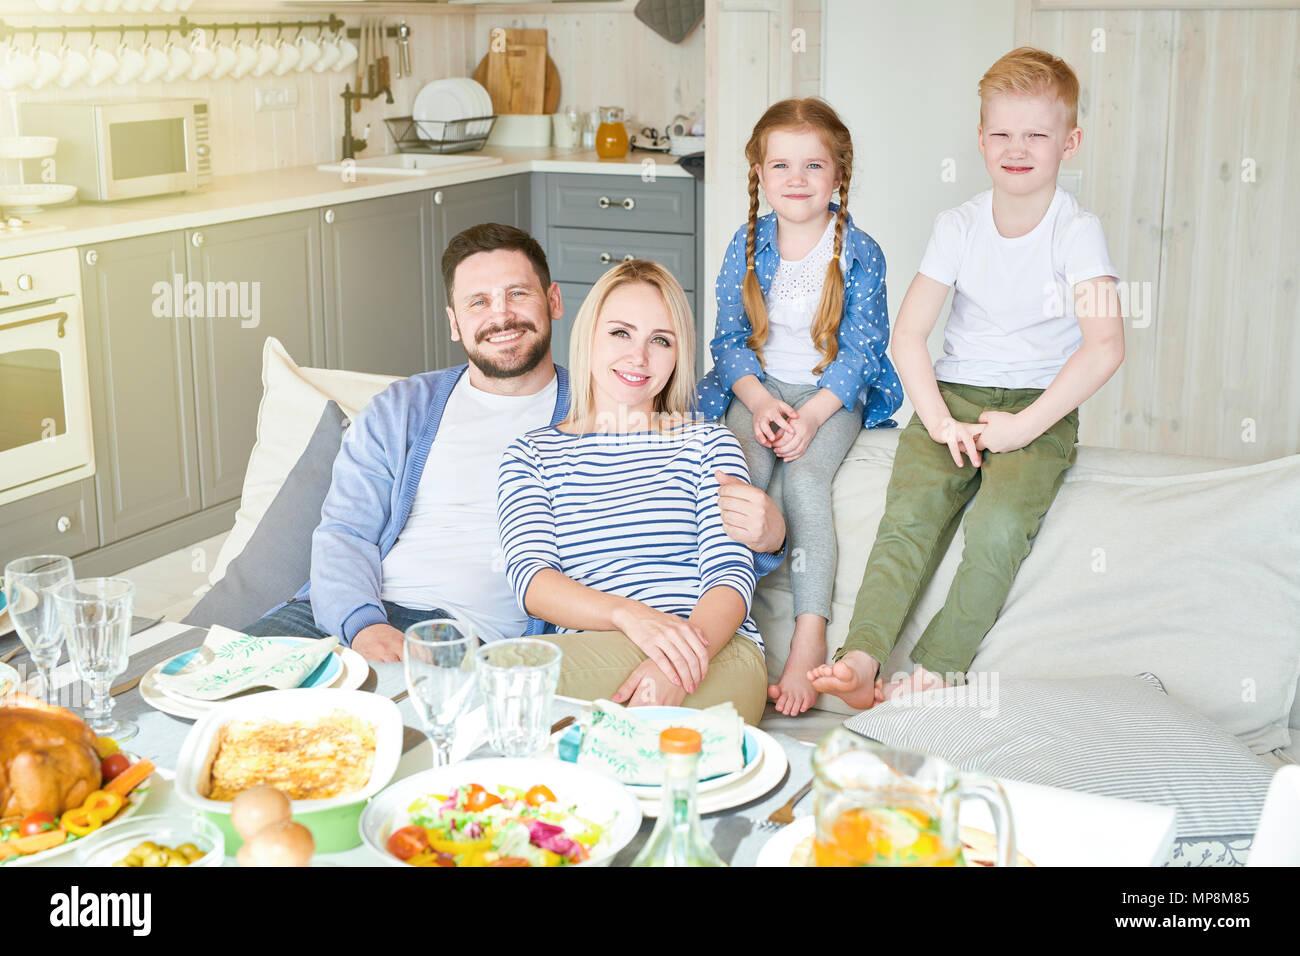 Familia próspera posando en casa Imagen De Stock